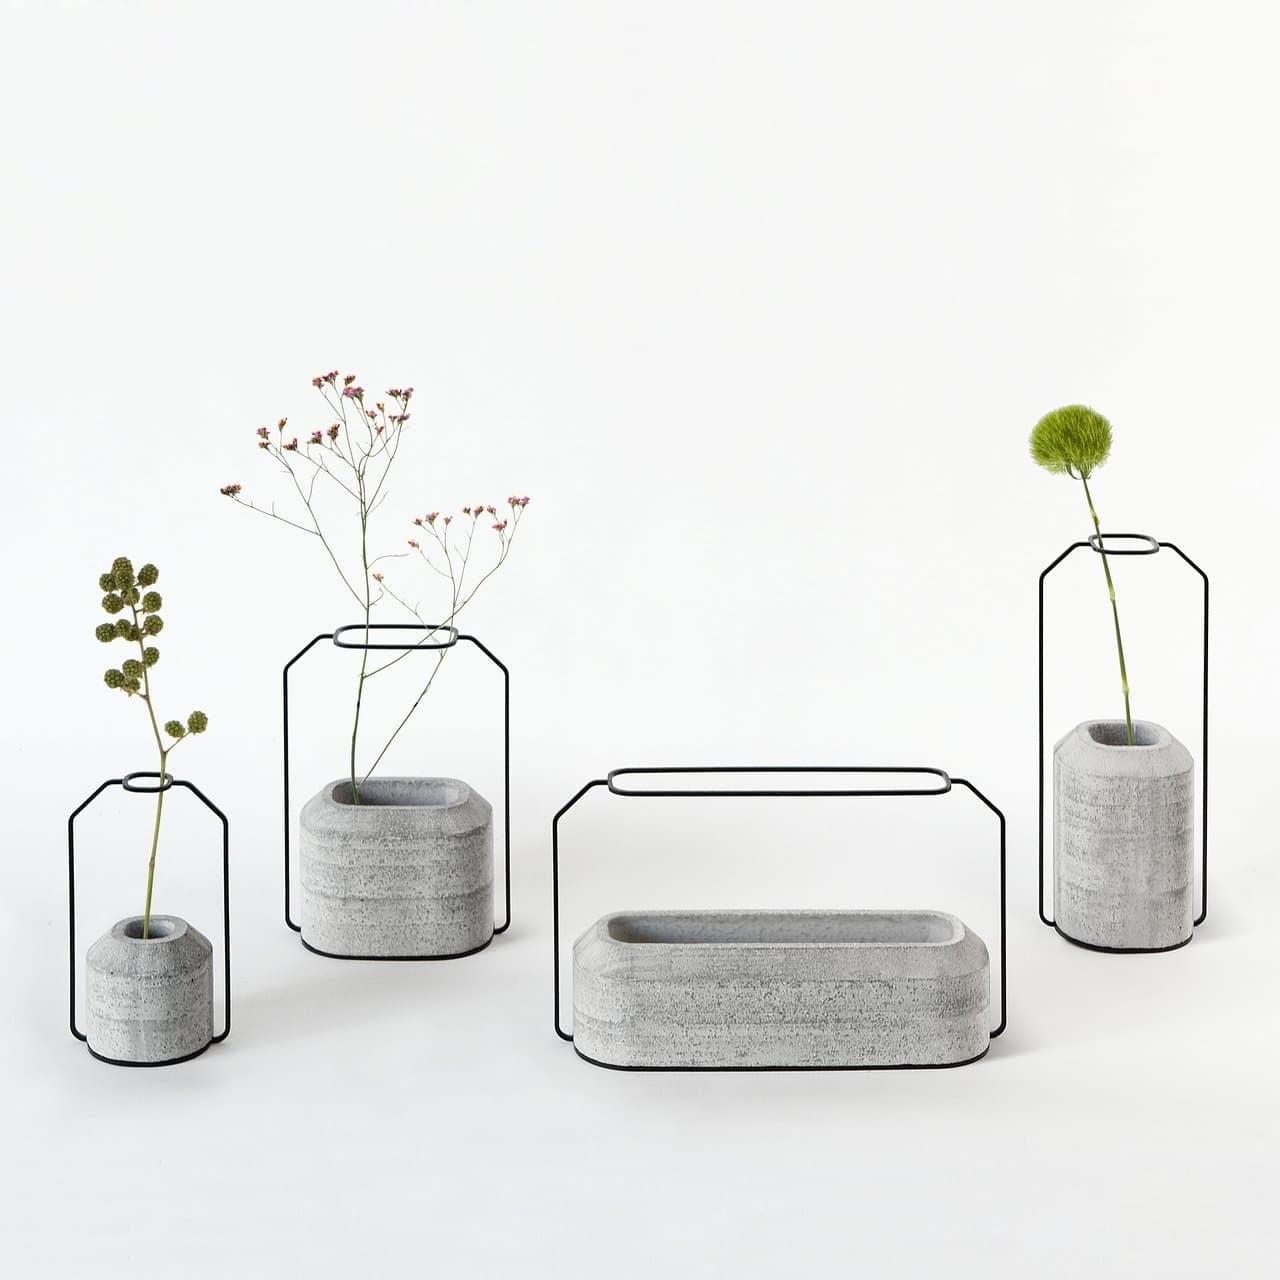 Vasi cemento e acciaio in stile minimal design miss for Vasi design economici